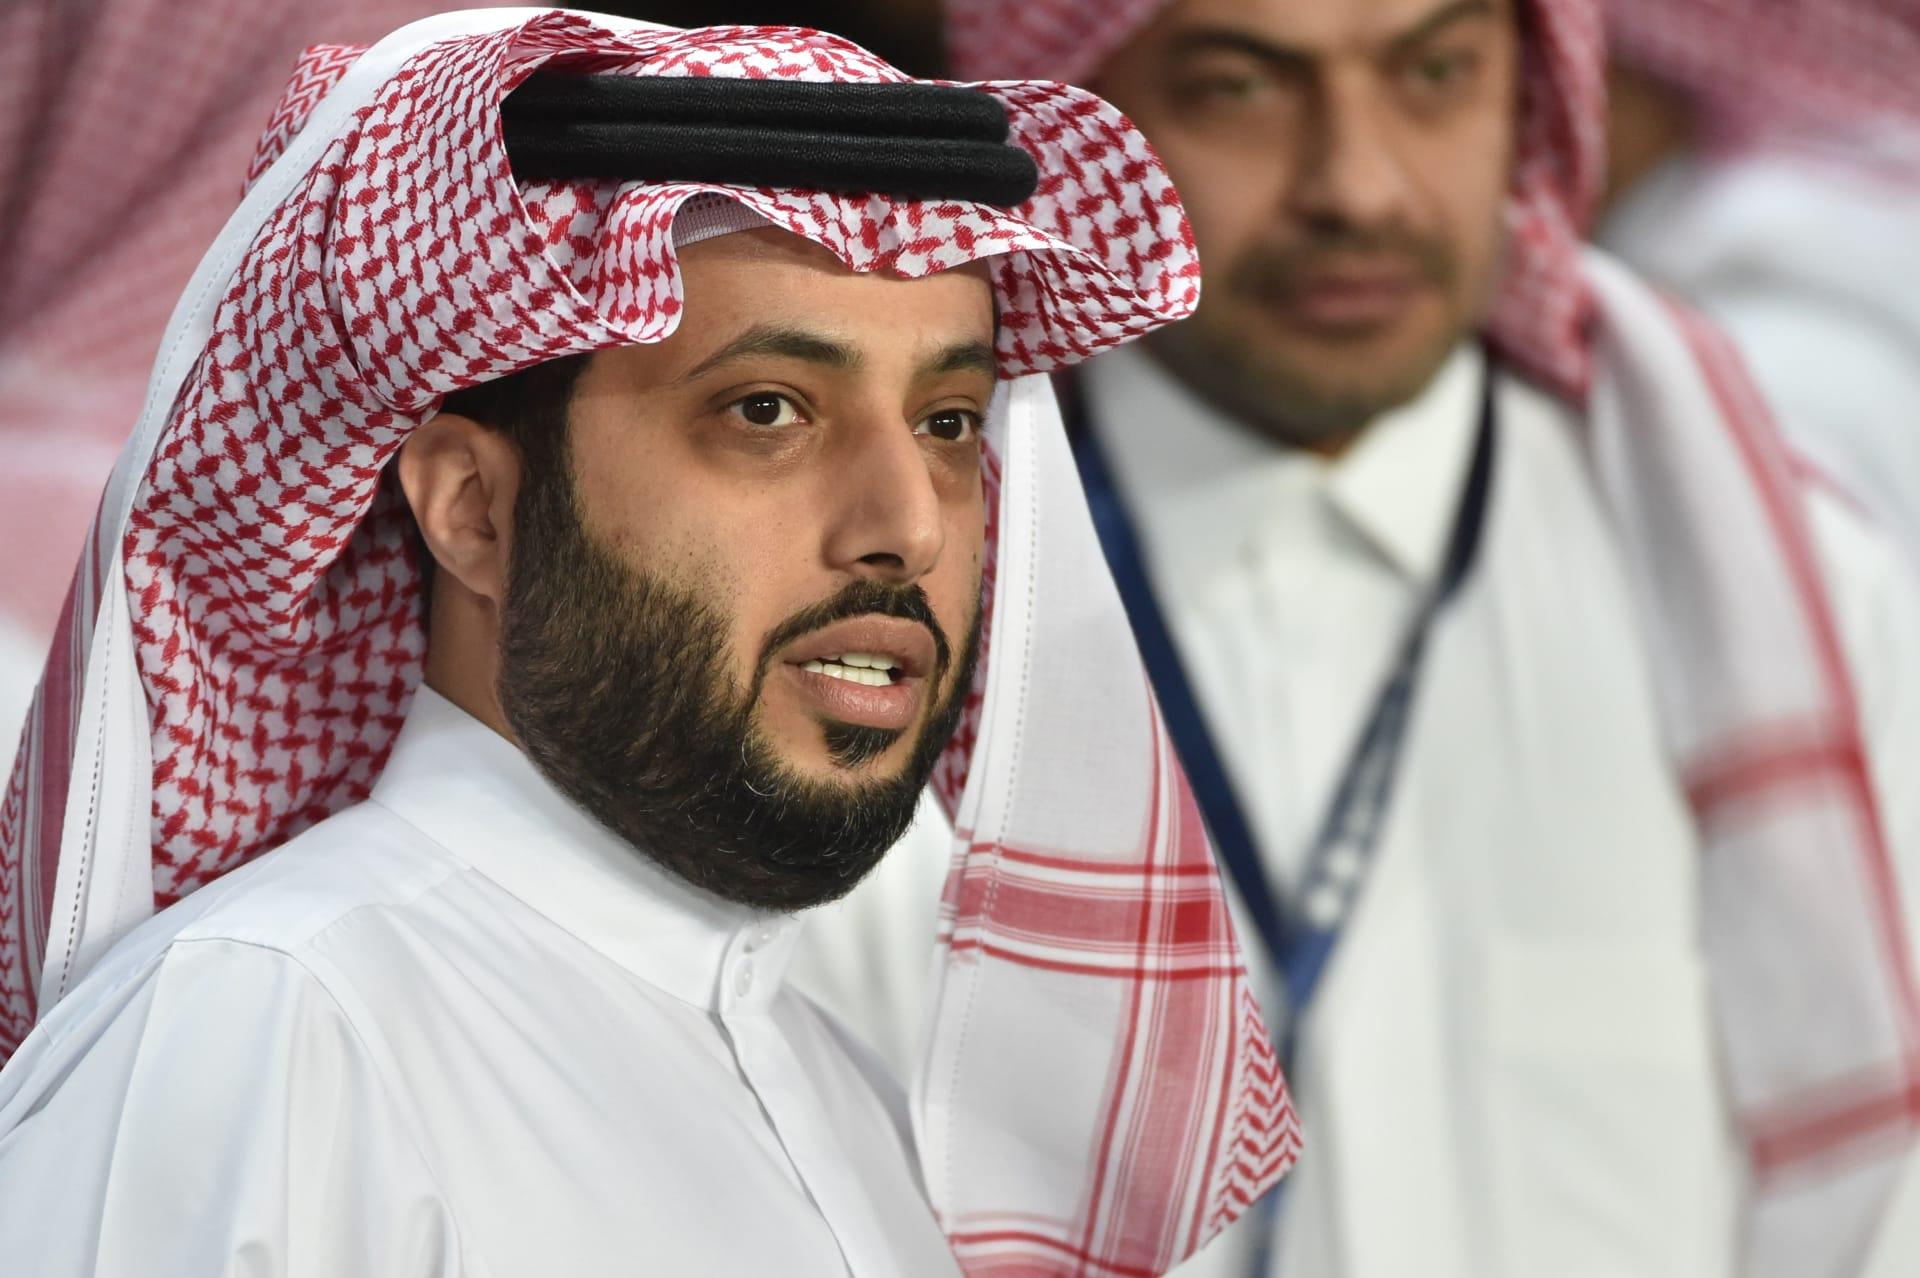 بحضور عباس كامل..  السيسي يستقبل تركي آل الشيخ ويؤكد على عمق العلاقات مع السعودية